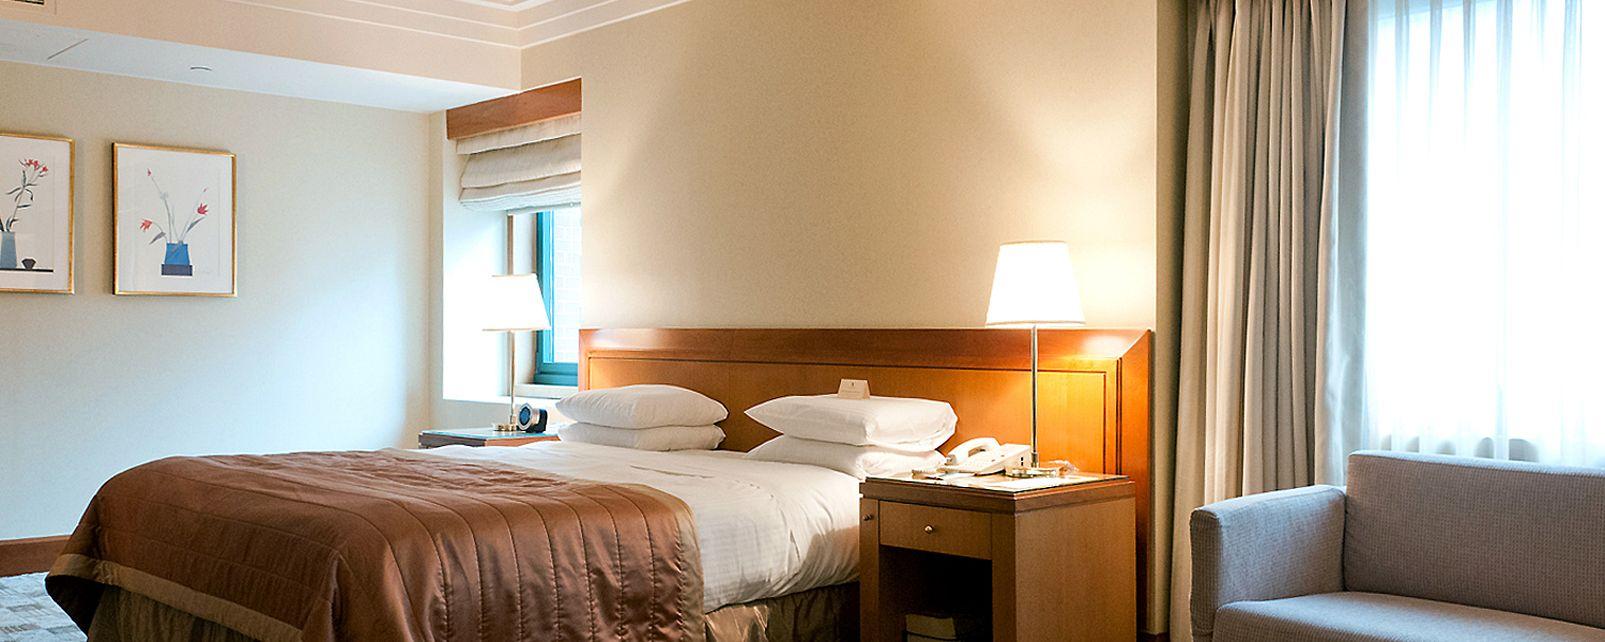 Hotel The Kitano